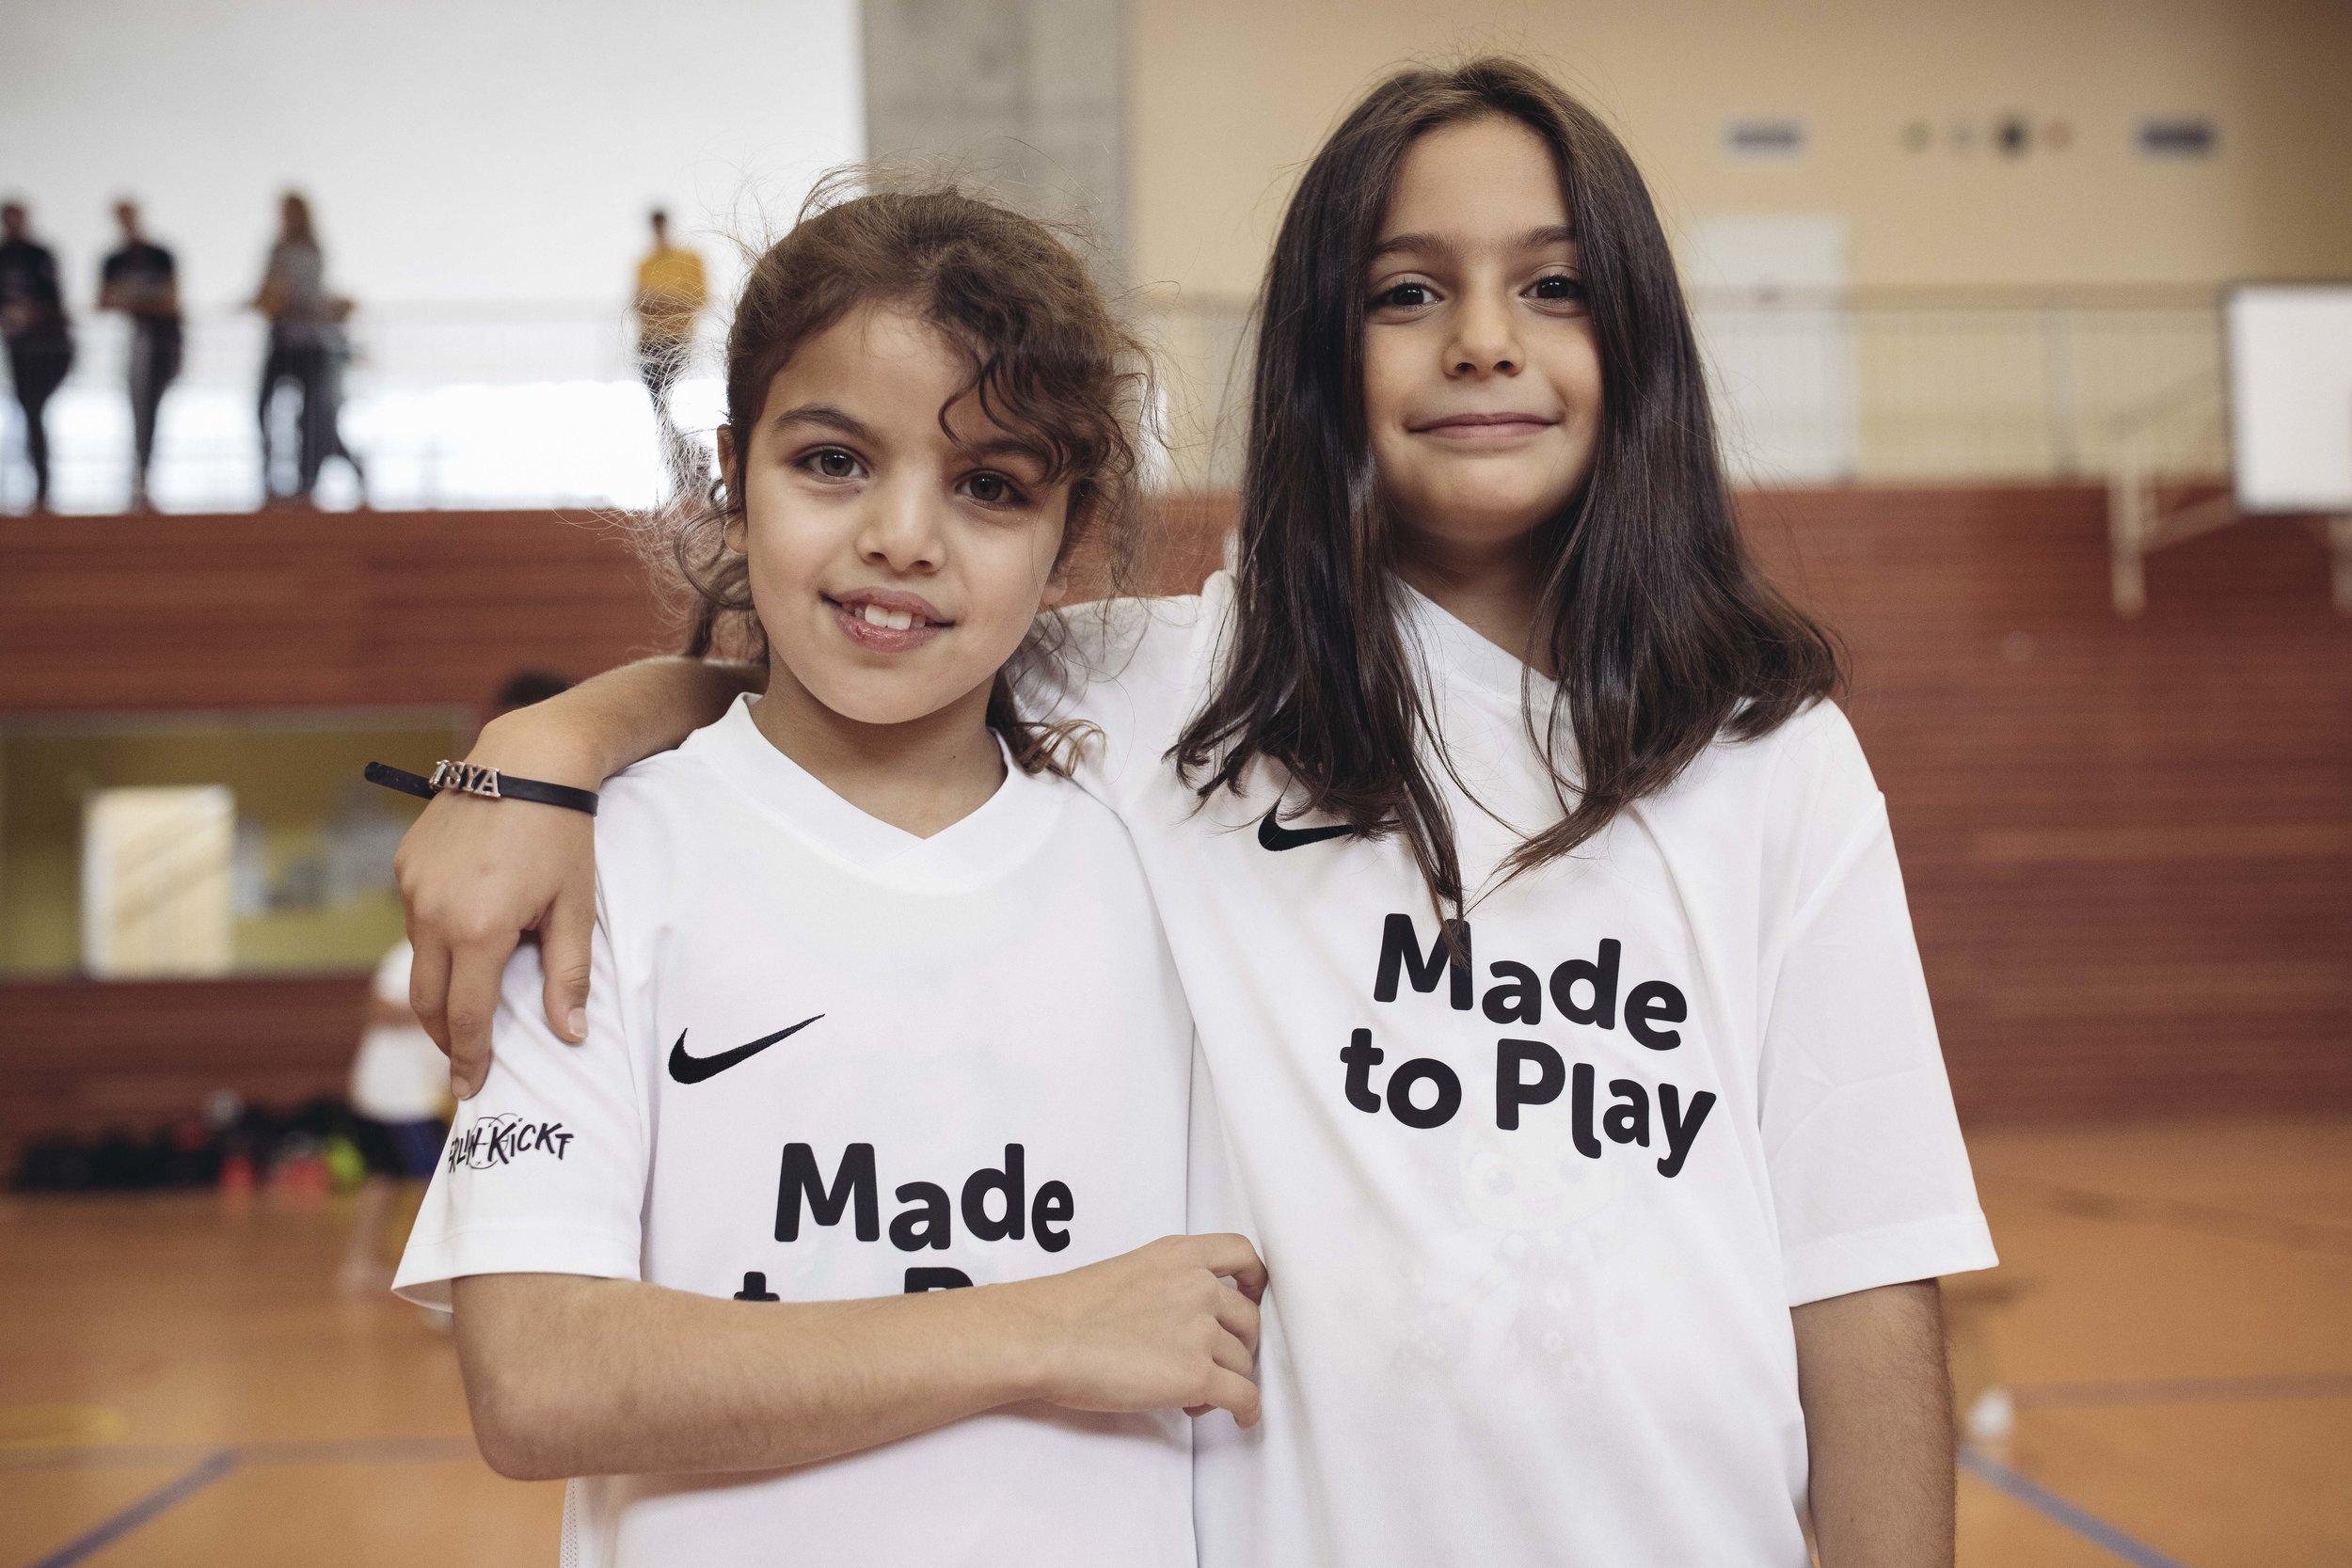 Auch Mädchen trainieren bei Berlin Kickt mit – die weiblichen School Football Workerinnen haben gerade für sie eine wichtige Vorbildrolle.